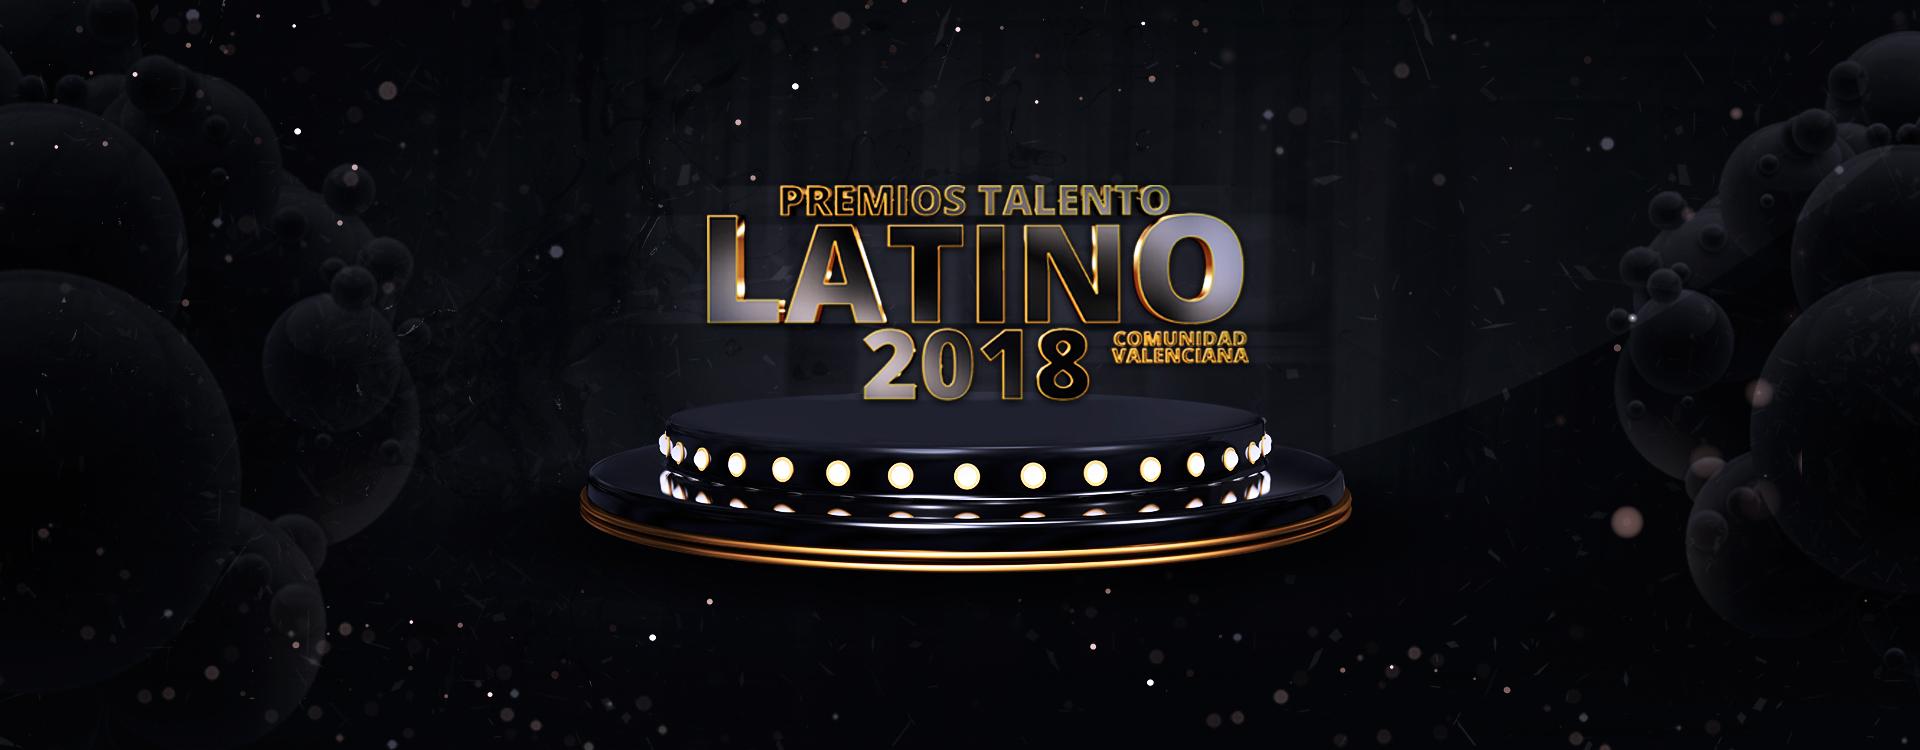 Premios Talento Latino 2018